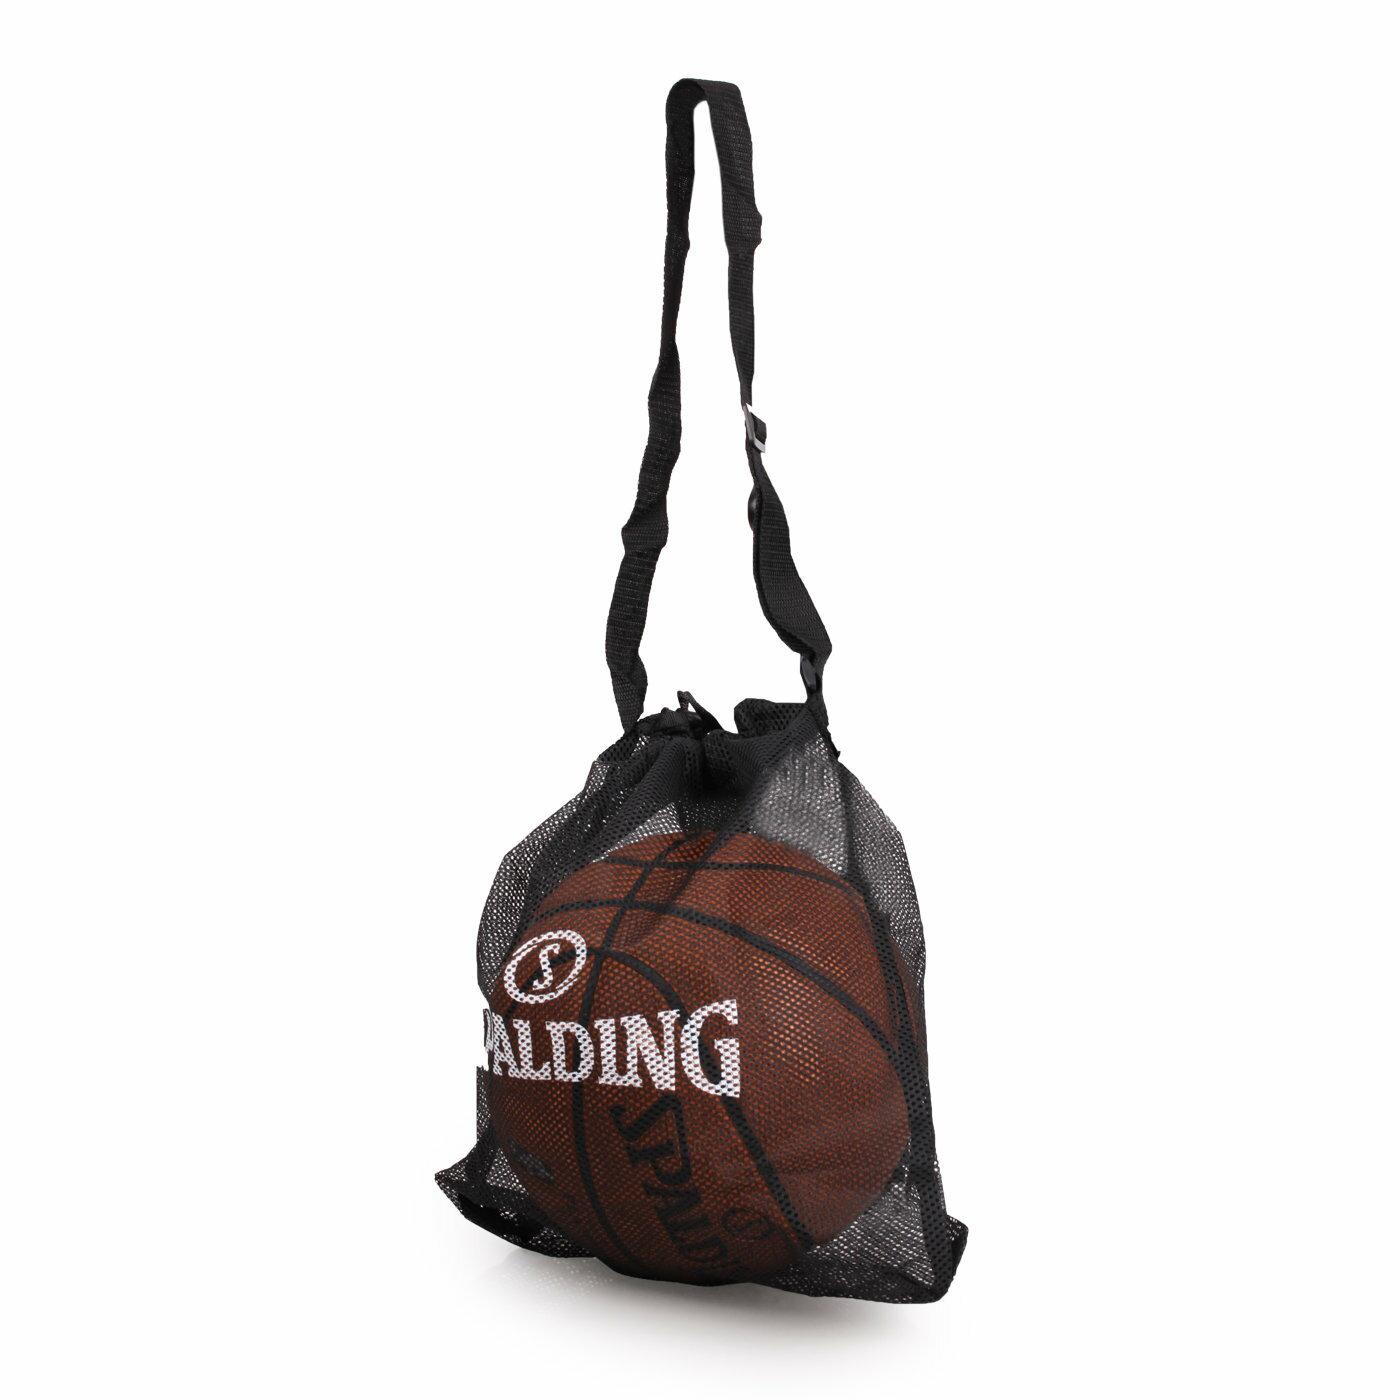 SPALDING 單顆裝側背網袋 (籃球袋 束口袋 單顆裝 斯伯丁【05481300】≡排汗專家≡